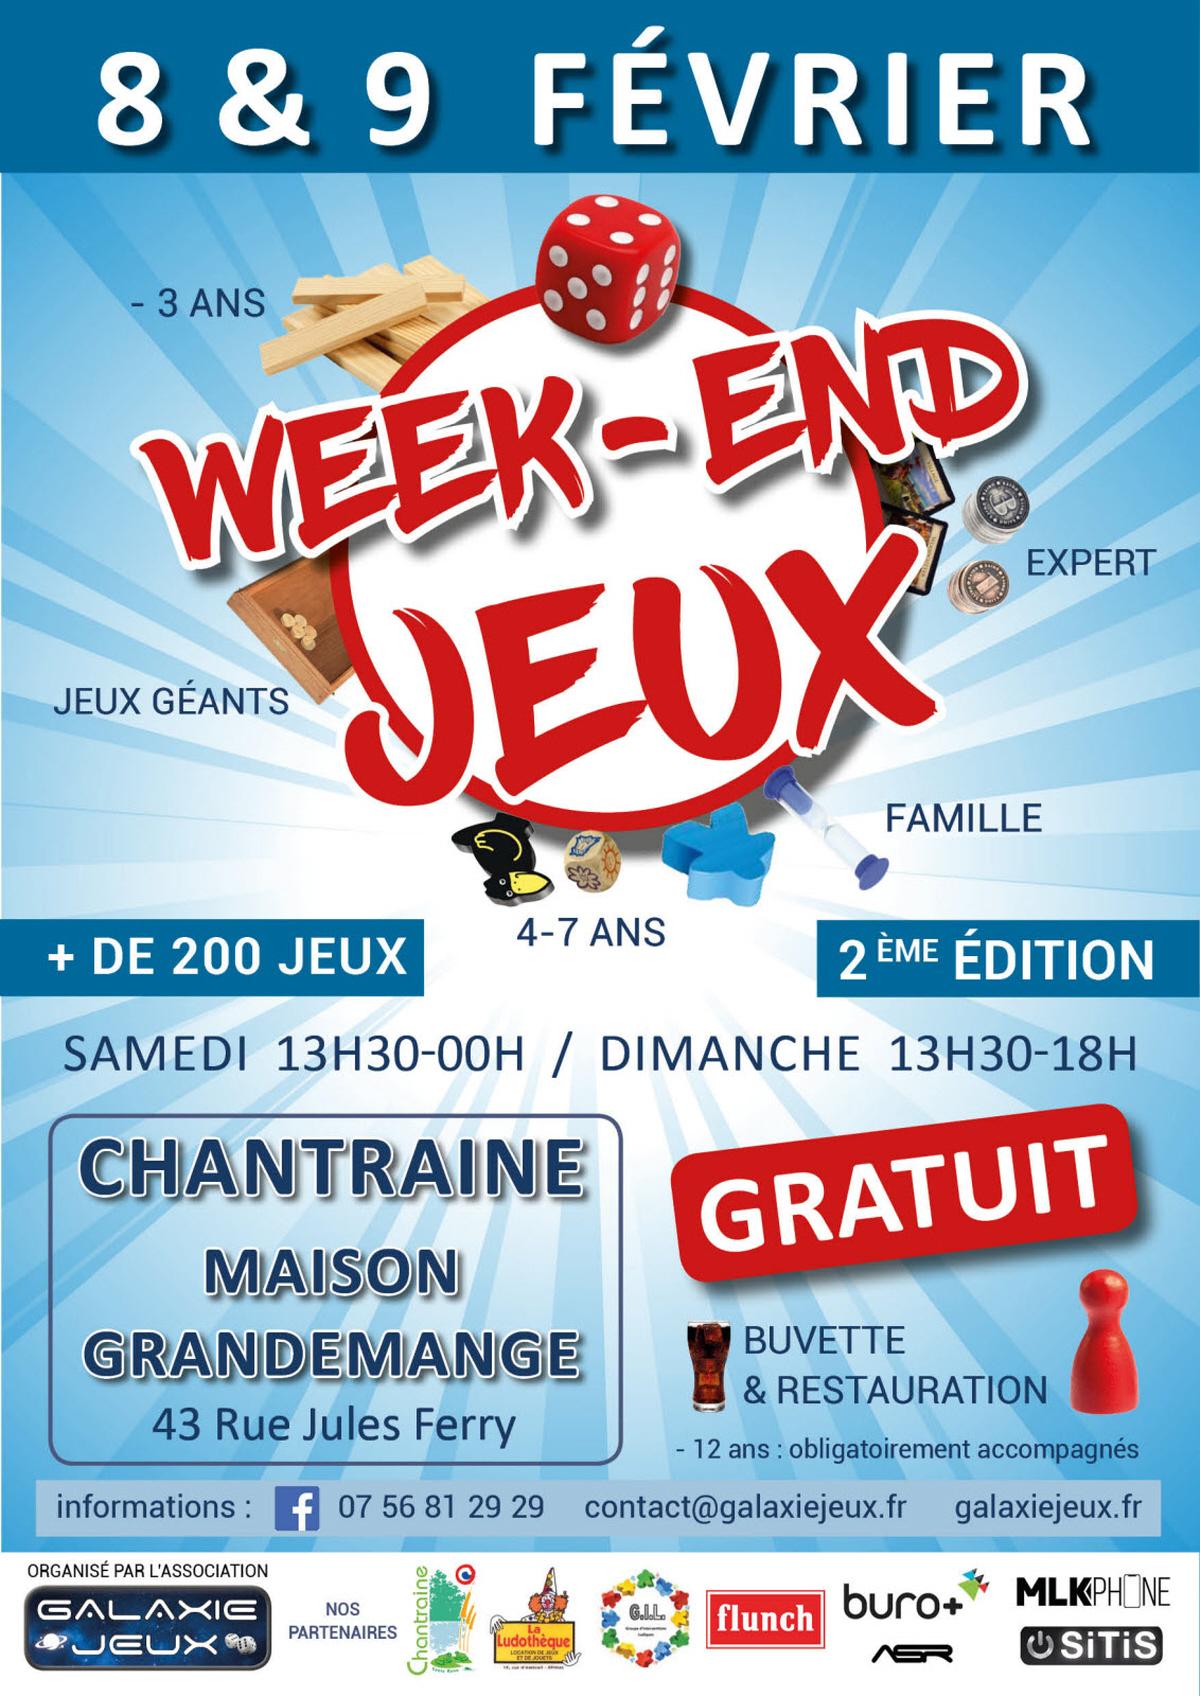 Week End Jeux : Jeu De Societe A Chantraine encequiconcerne Jeux 4 Ans Gratuit